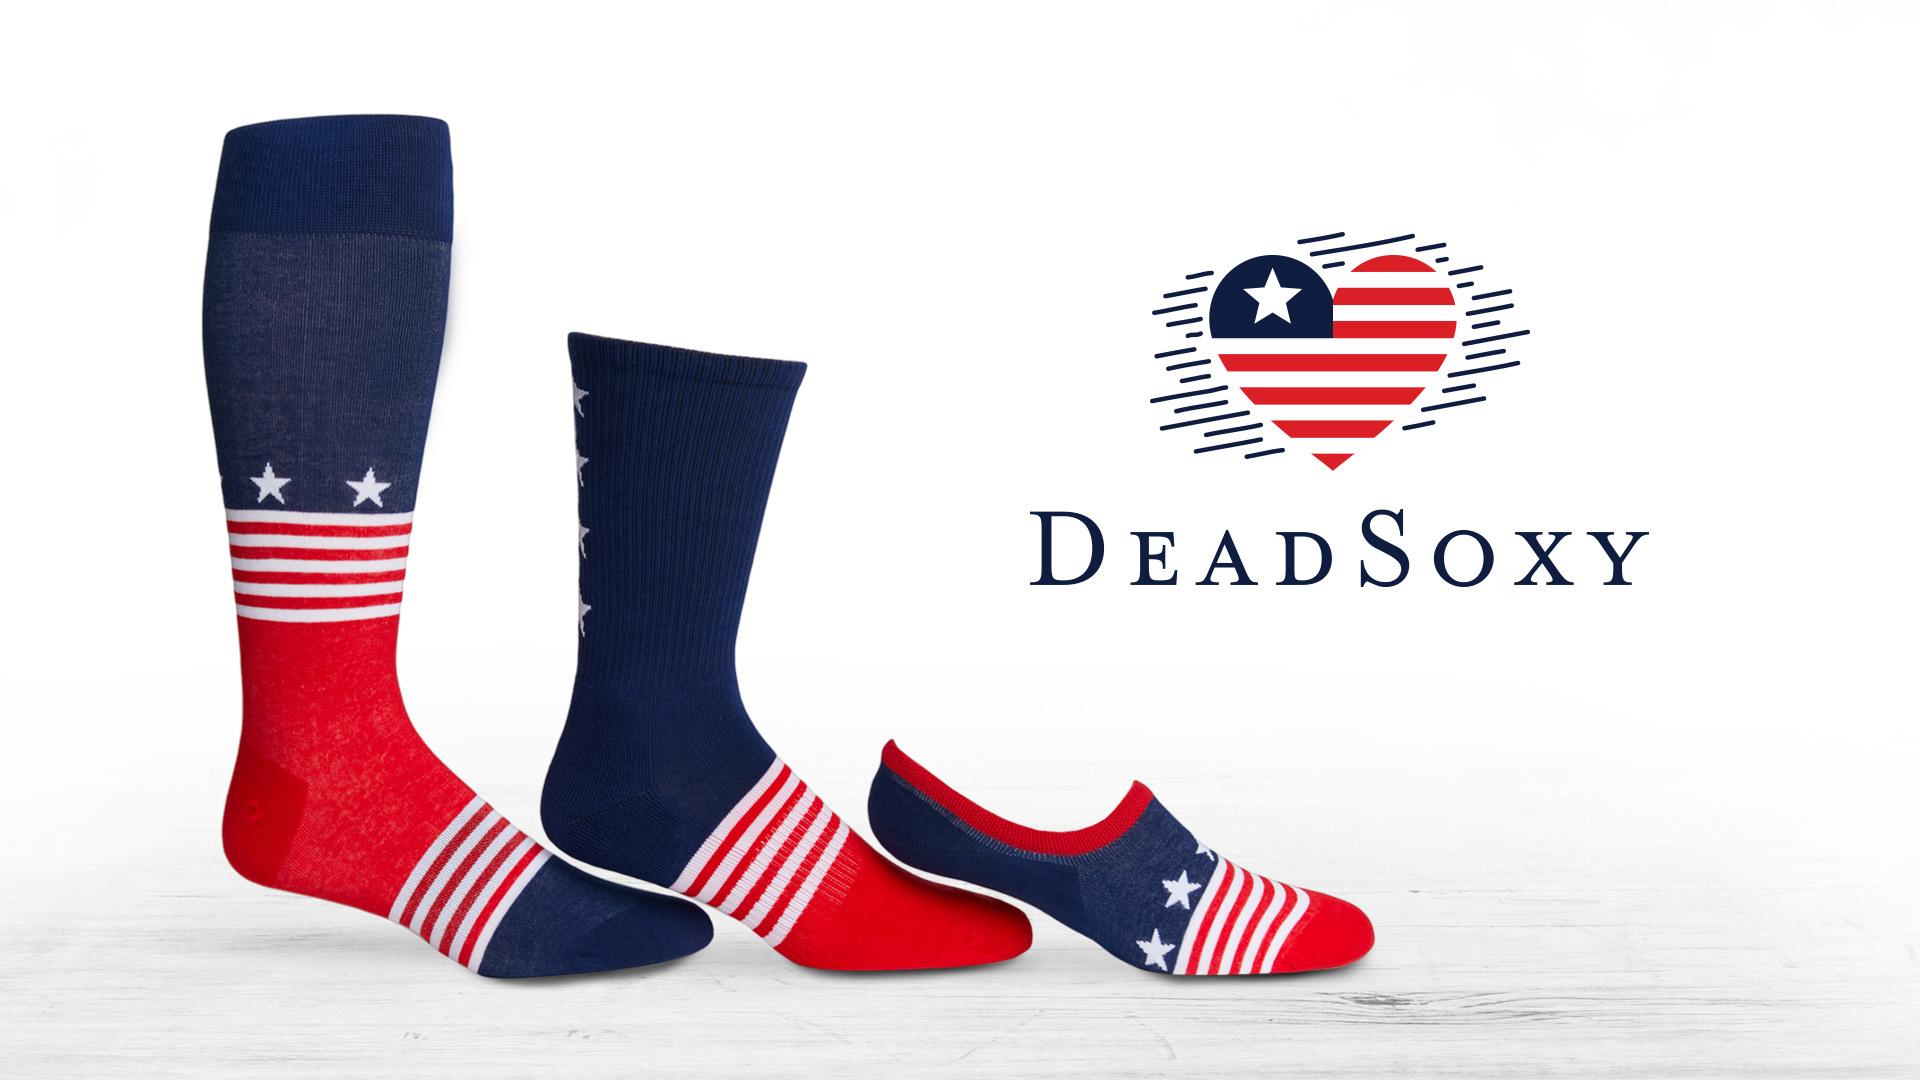 Dress Socks, Casual Socks, and No Show Socks designed like the USA flag.